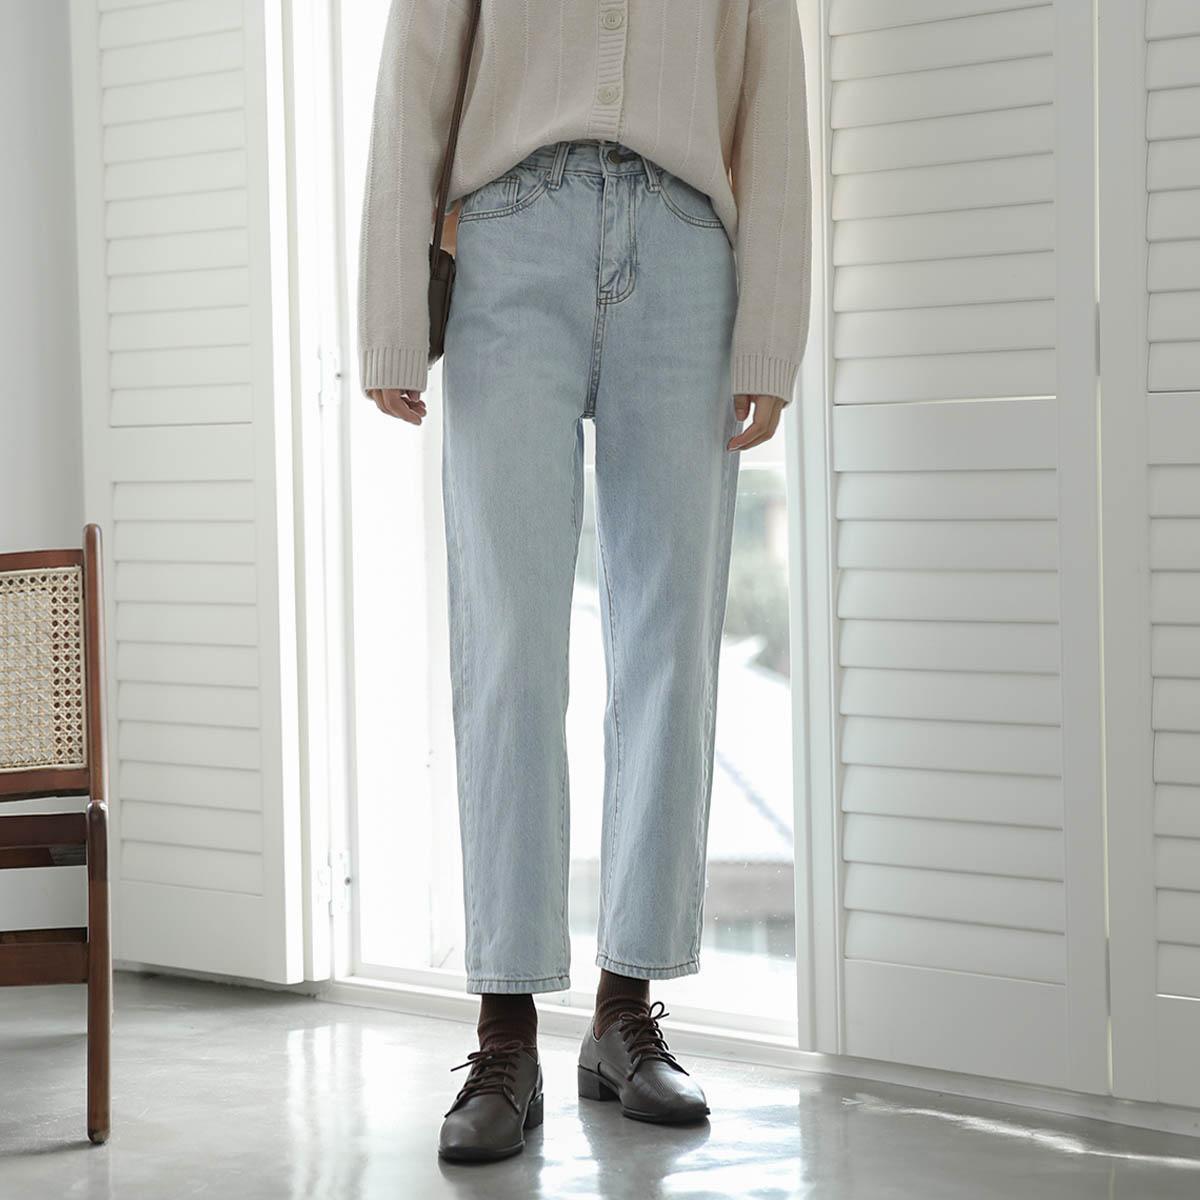 远海和风/宽松水洗白高腰牛仔裤女直筒宽松 显瘦小个子浅色裤子秋12-01新券